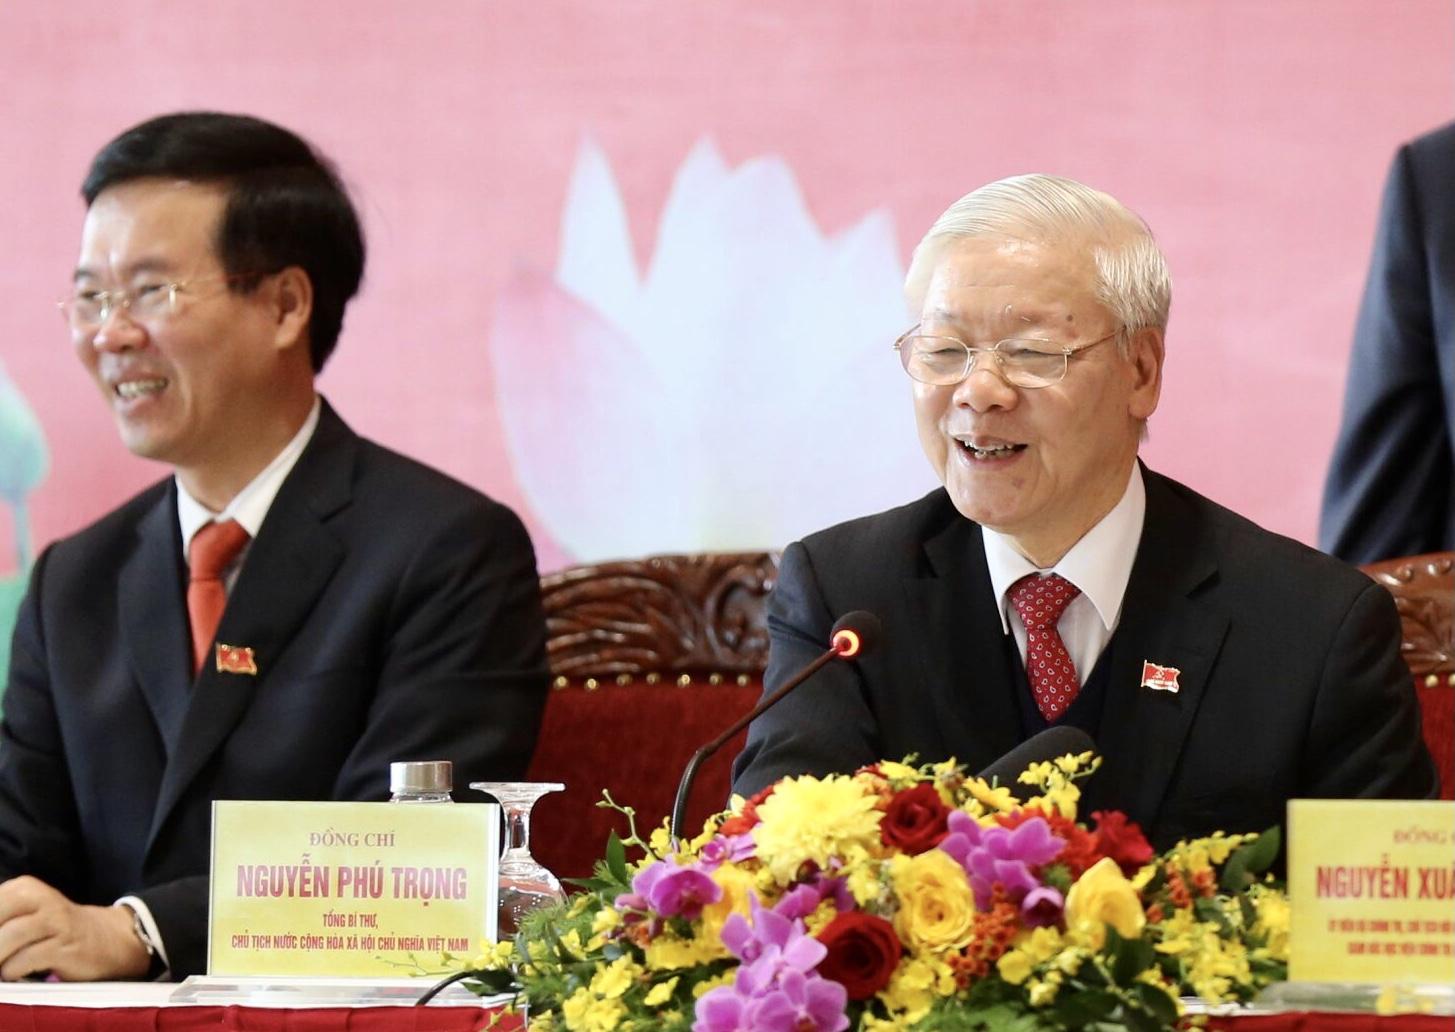 Tổng Bí thư, Chủ tịch nước Nguyễn Phú Trọng: Đại hội XIII thành công rất tốt đẹp